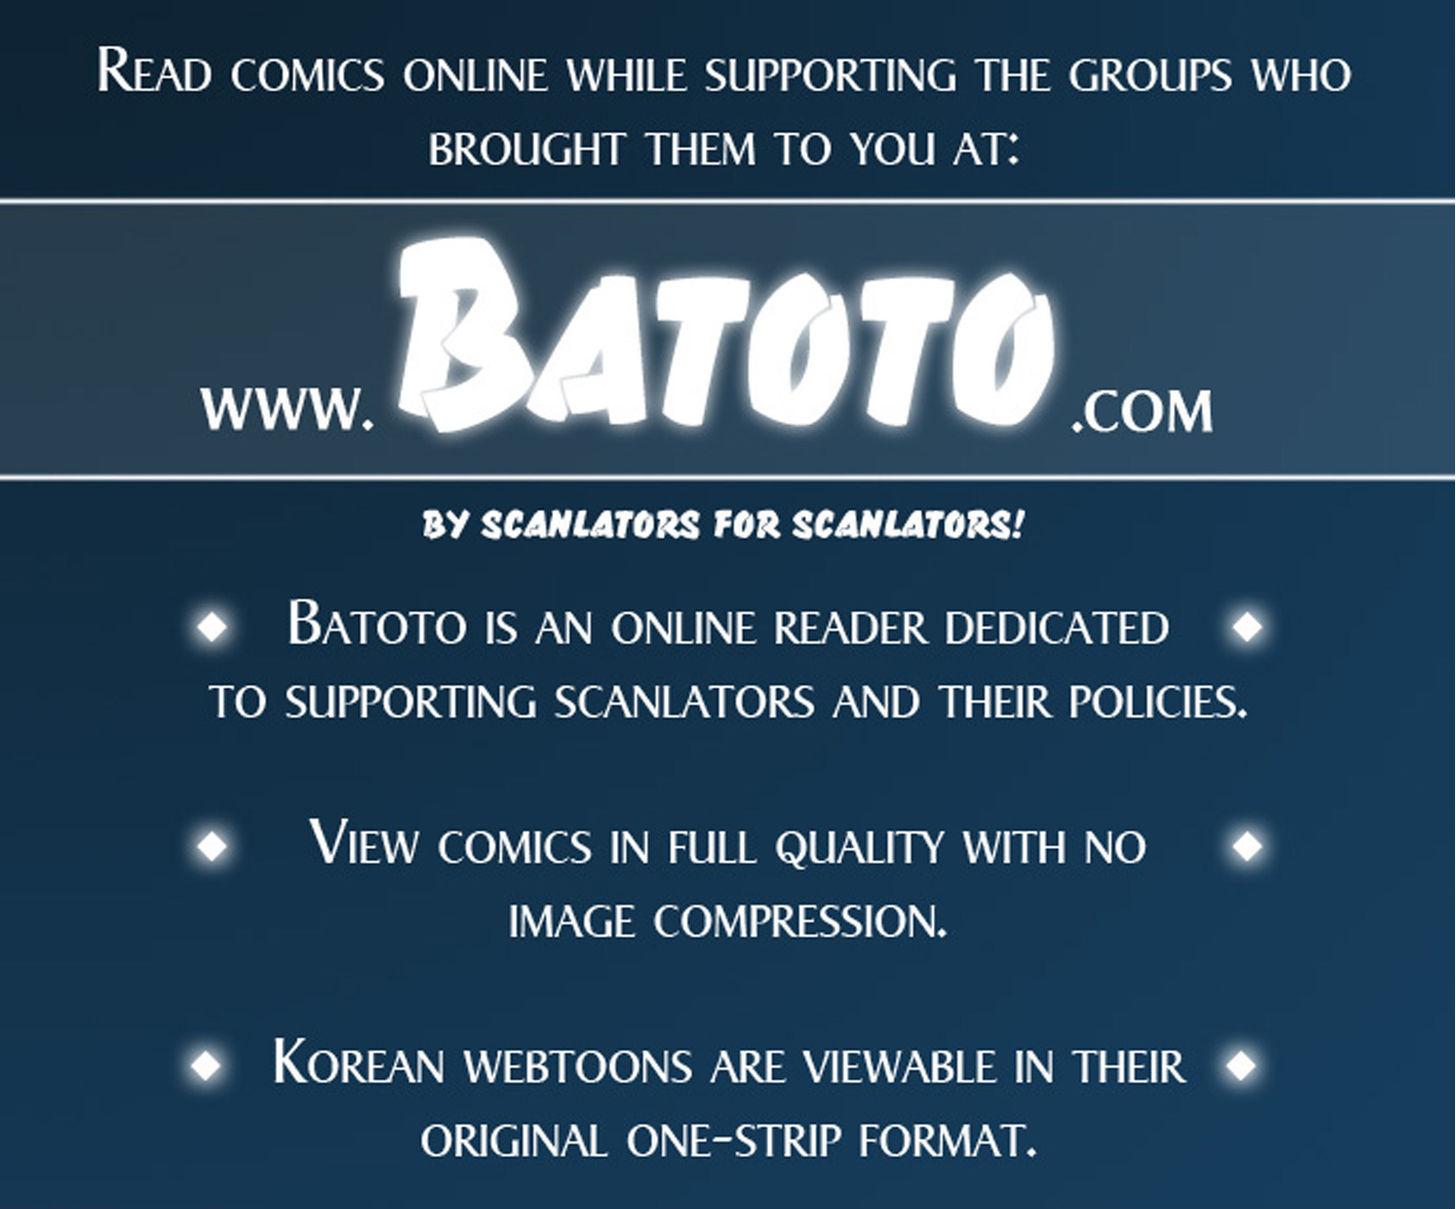 https://im.nineanime.com/comics/pic9/43/171/12663/Kingdom750999.jpg Page 1